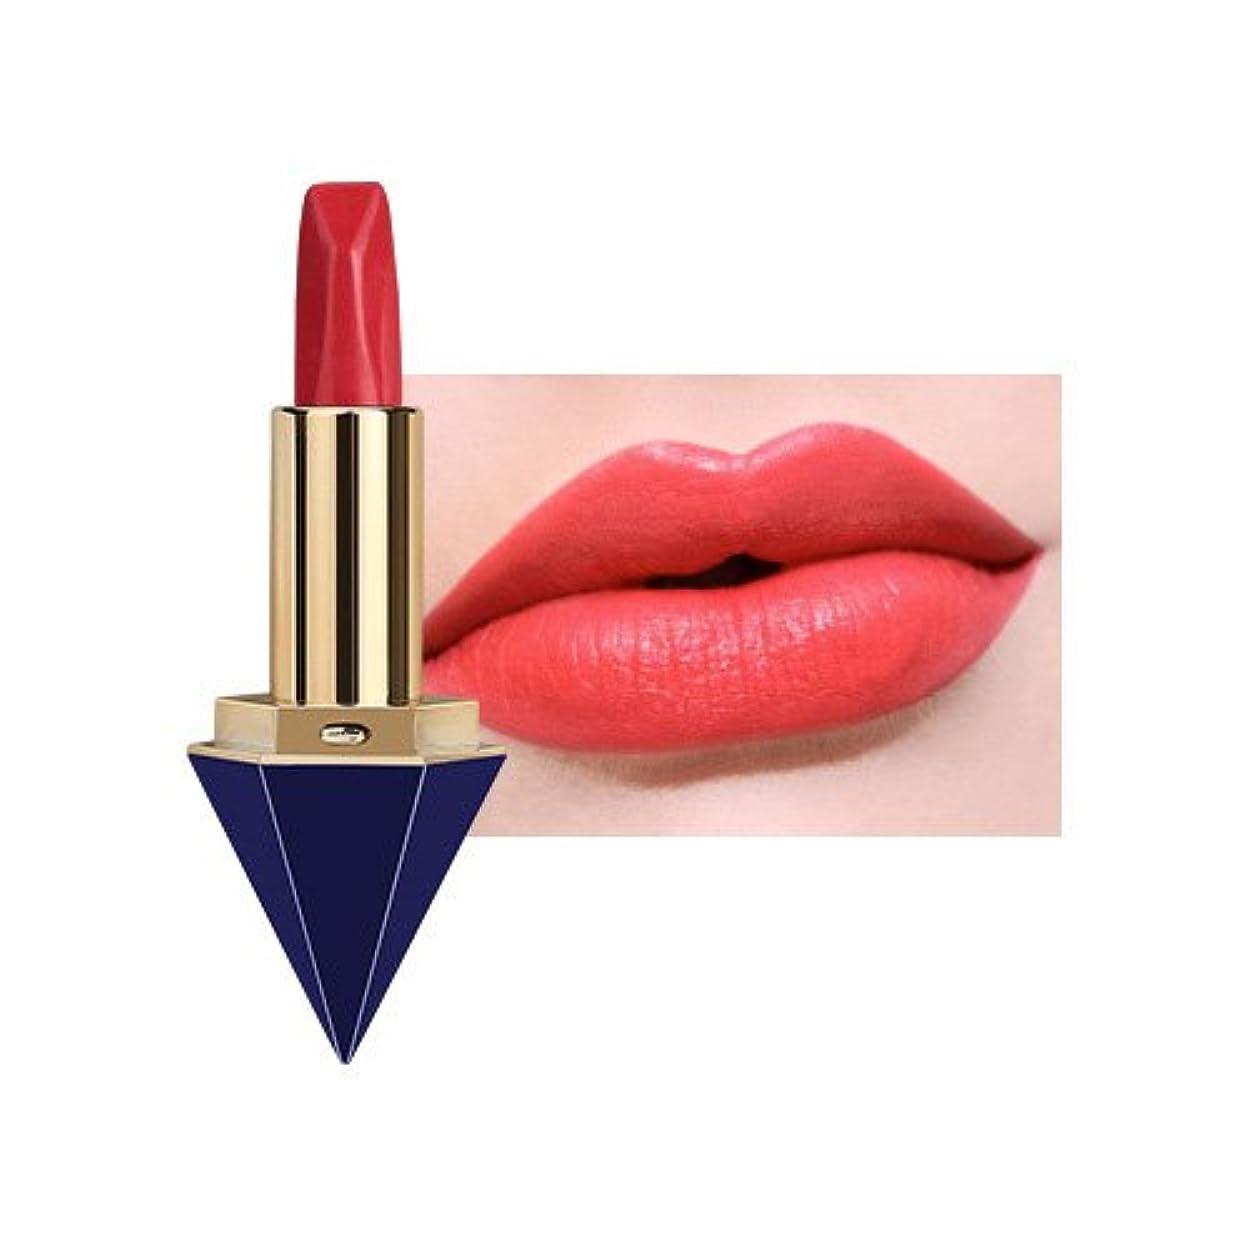 廃棄プレビスサイト明確なDoitsa リップグロス 液体リップ 口紅 メイク 唇 美容 化粧 防水 明るい マット スムース 魅力 多彩 防水 人気 おしゃれ レディース